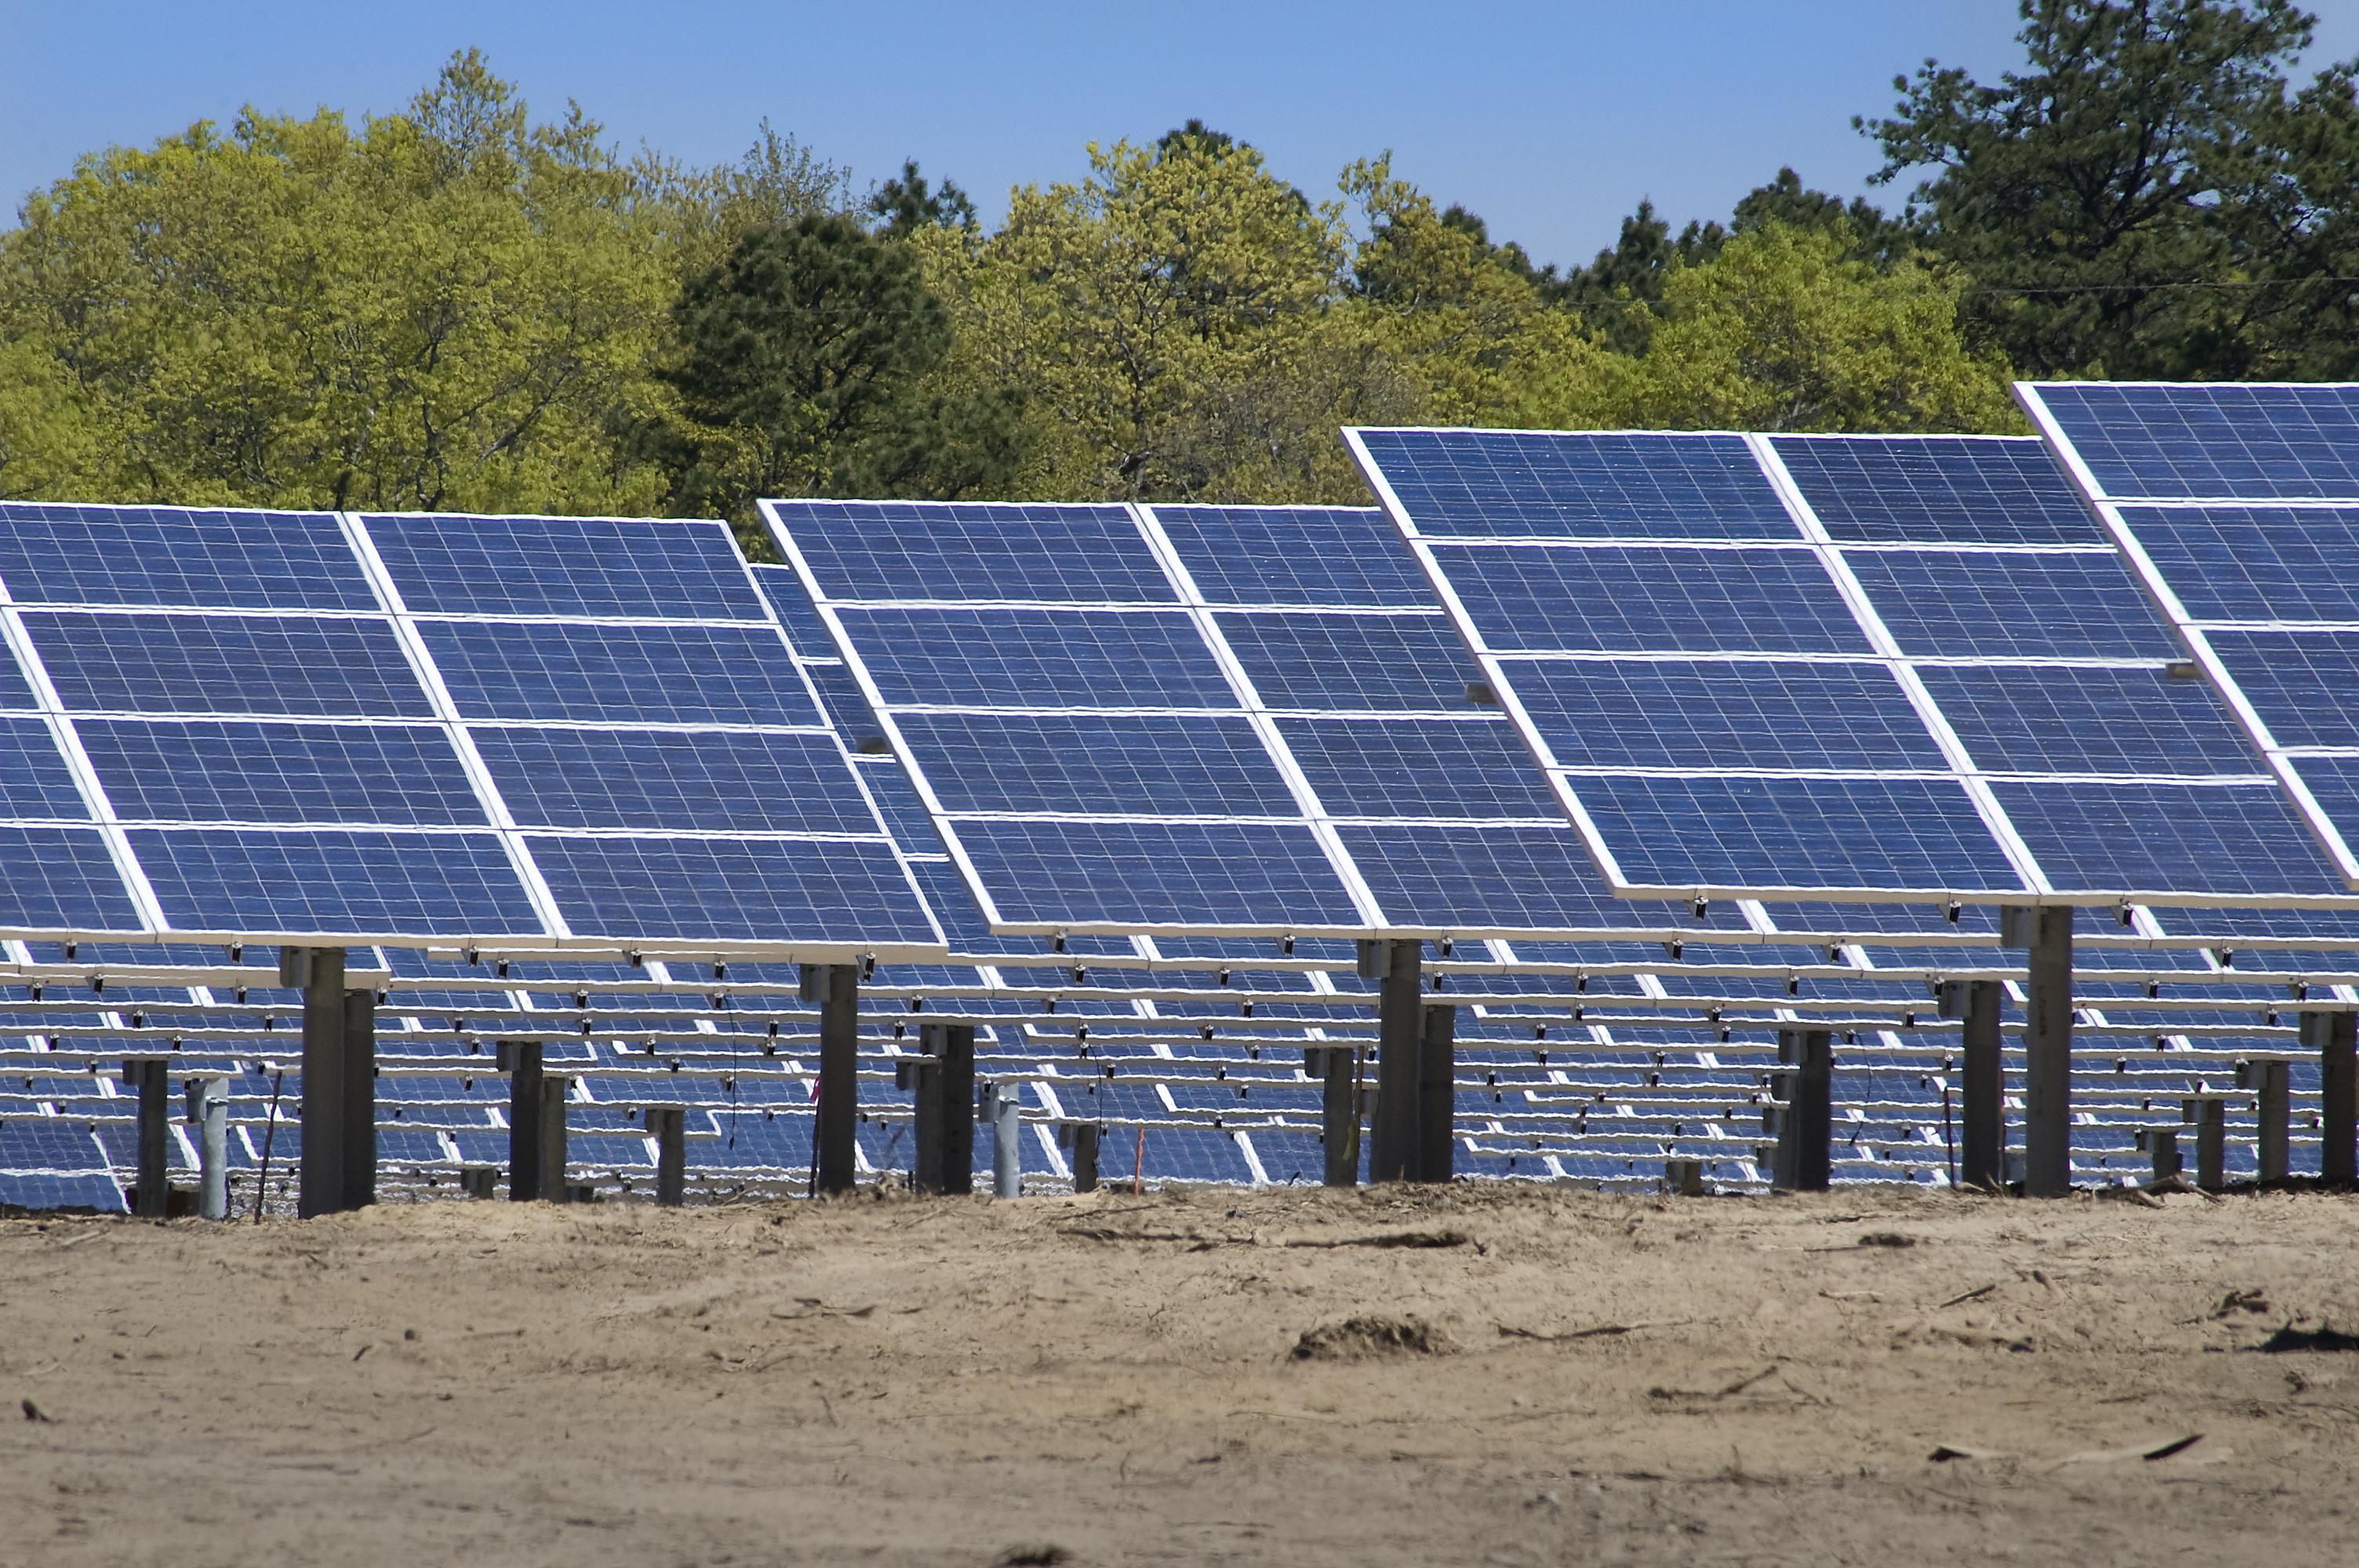 Honduras Financiamiento Para 3 Nuevos Proyectos Solares